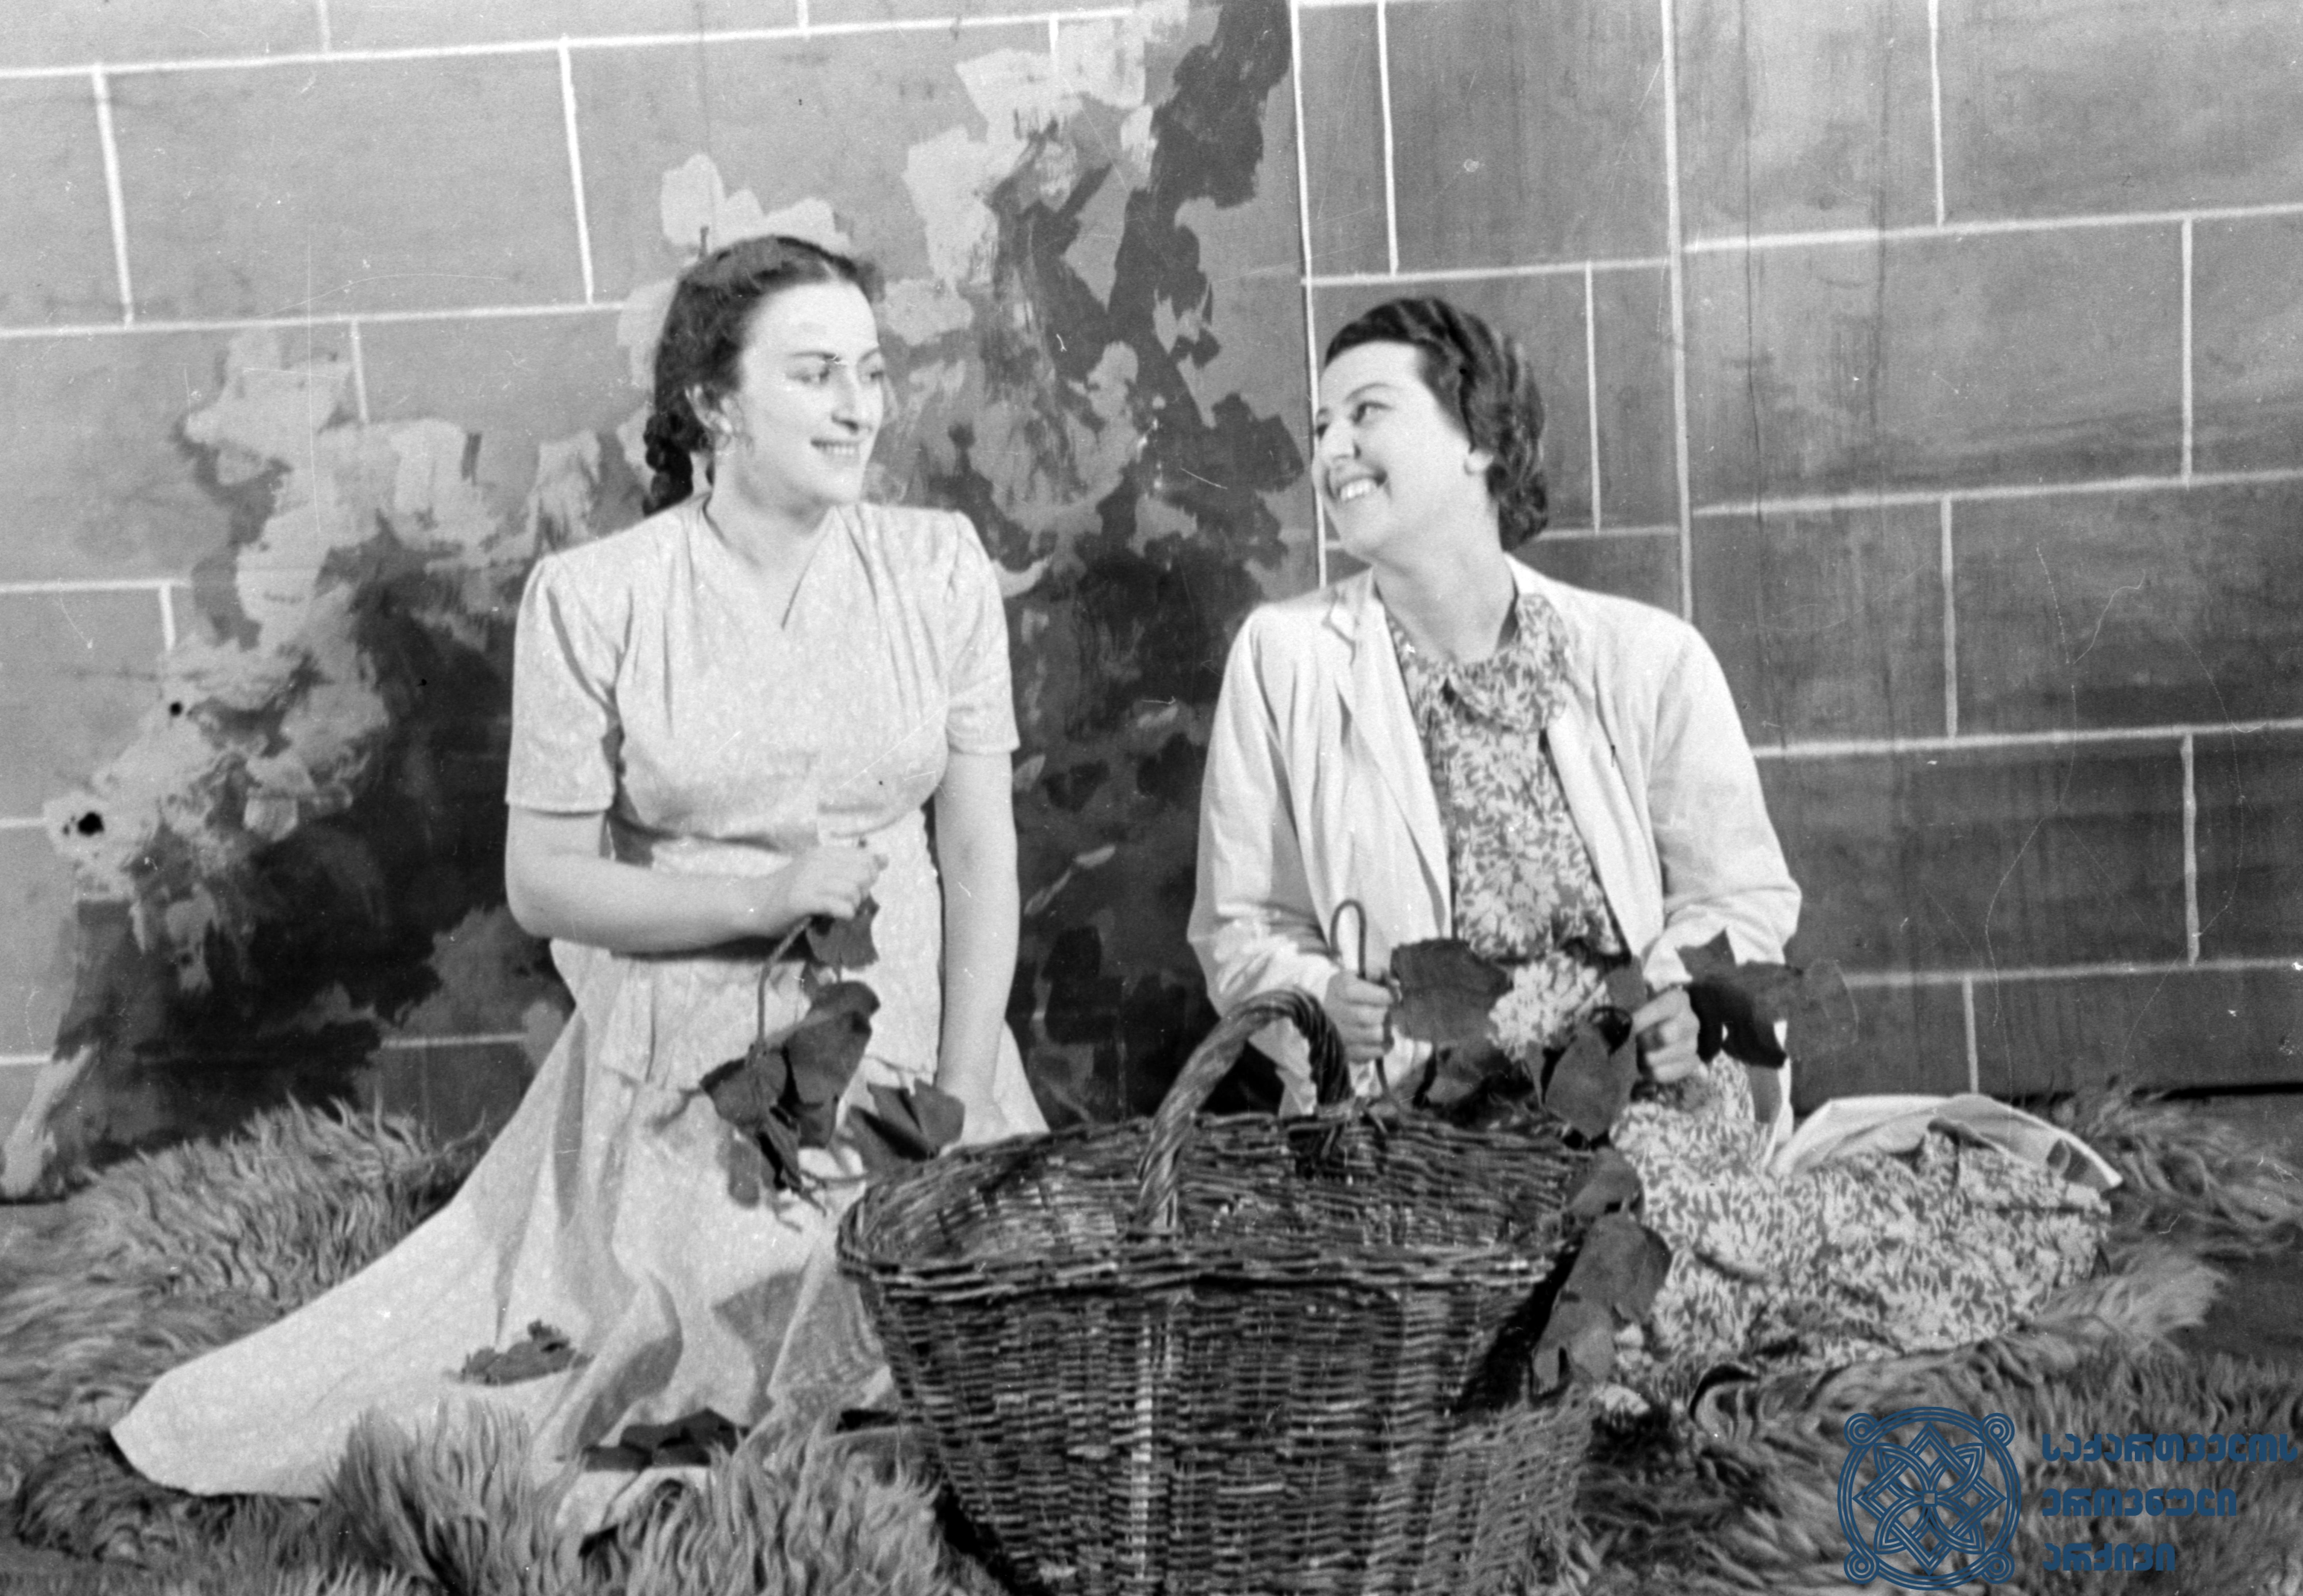 """მარჯანიშვილის სახელობის აკადემიური თეატრის სპექტაკლი """"მარინე"""". <br> მარინე – მედეა ჯაფარიძე,  მარინე – მარინე თბილელი.  <br> 1950 წელი.<br> The Marjanishvili Academic Theater performance """"Marine"""". <br> Medea Japharidze as Marine, Marine Tbileli as Marine.<br> 1950."""